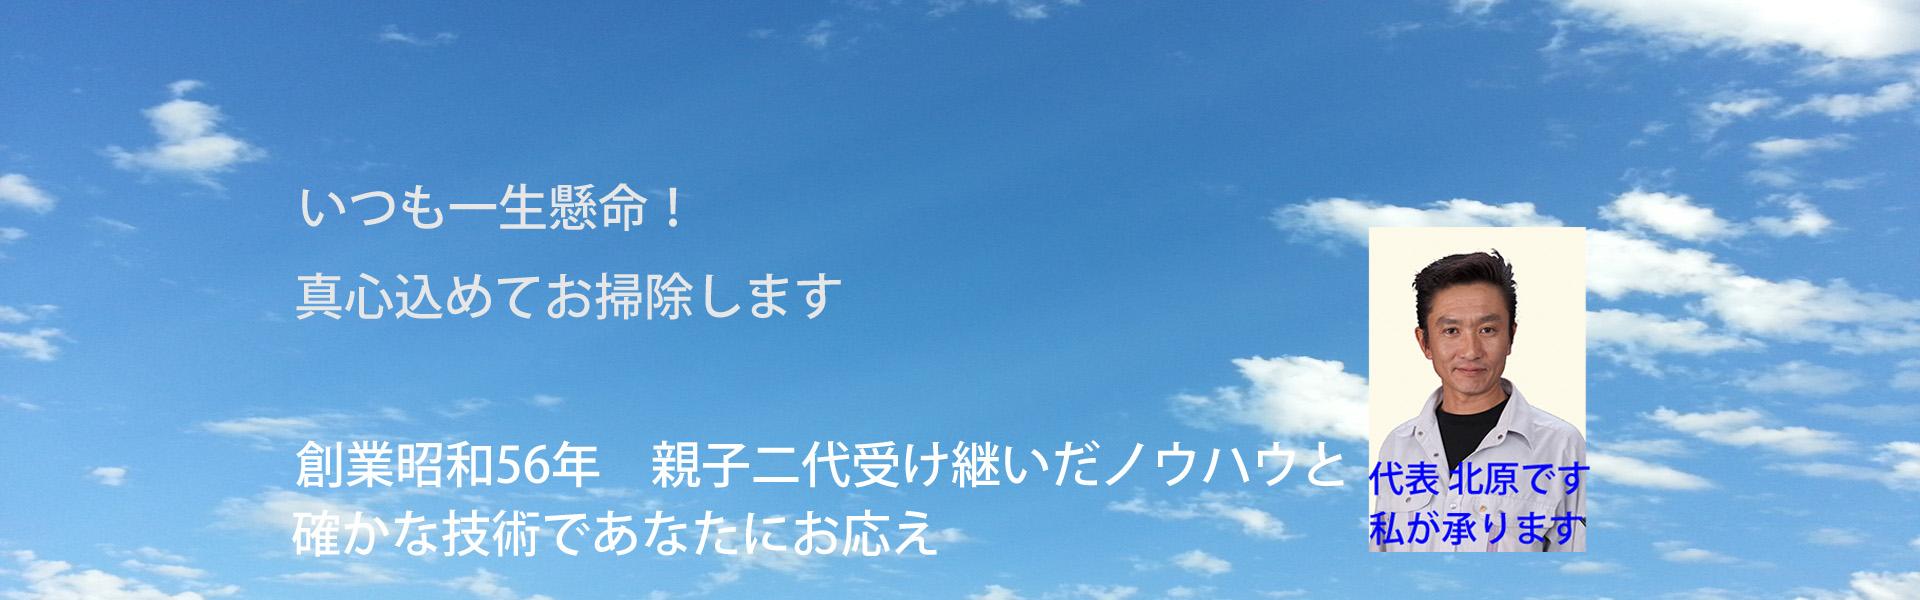 ハウスクリーニングなら長野県塩尻市のサンクリーン塩尻